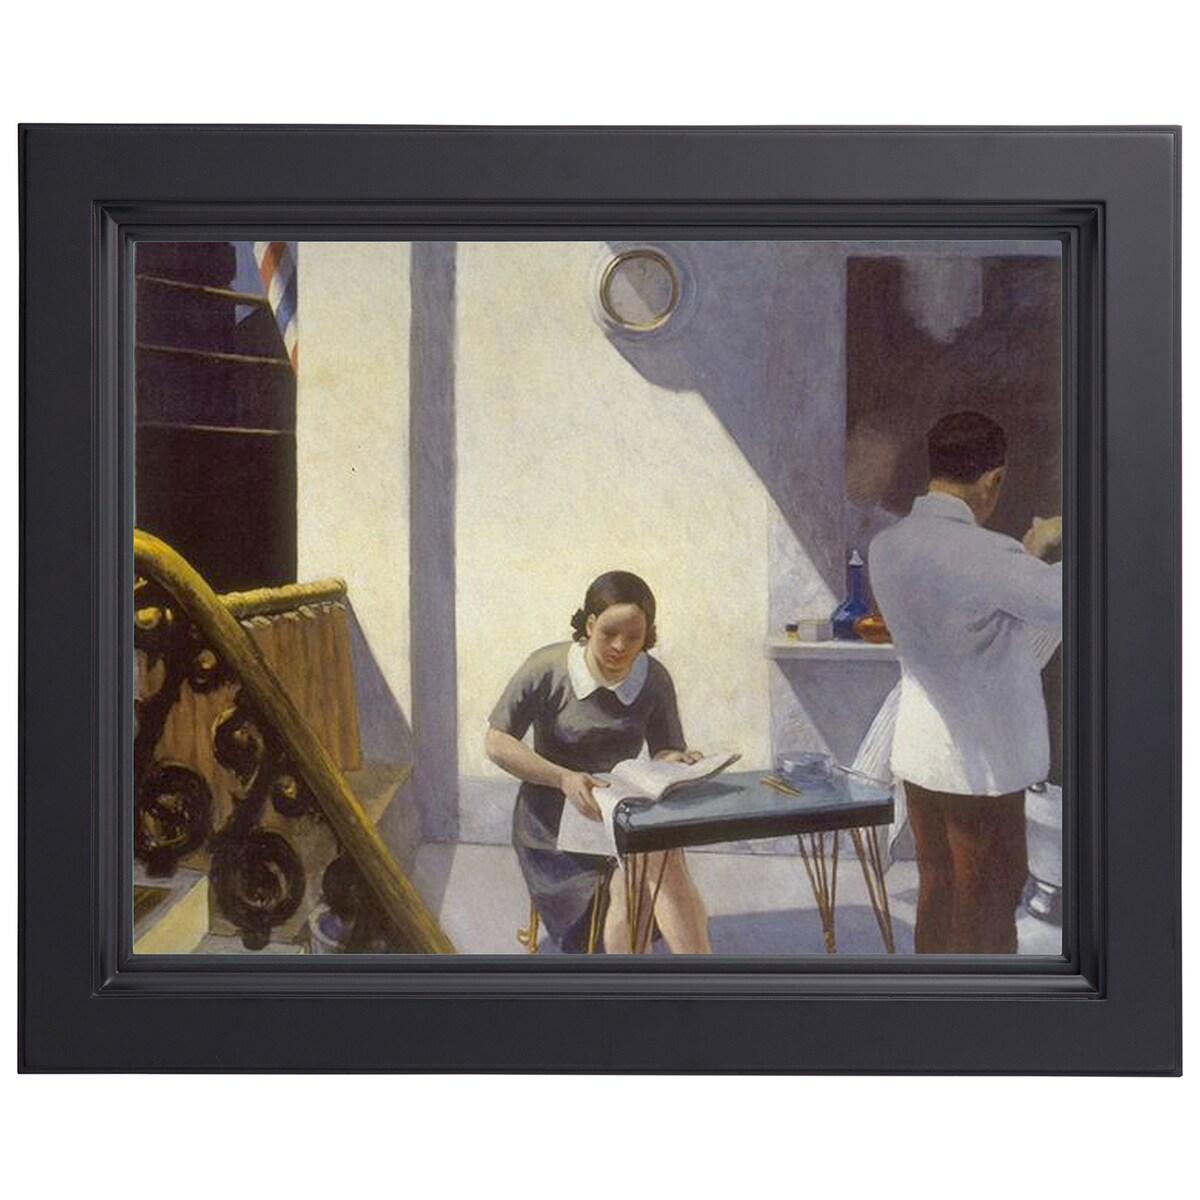 ラーソン・ジュール 油絵用額縁 A260 F3 ブラック